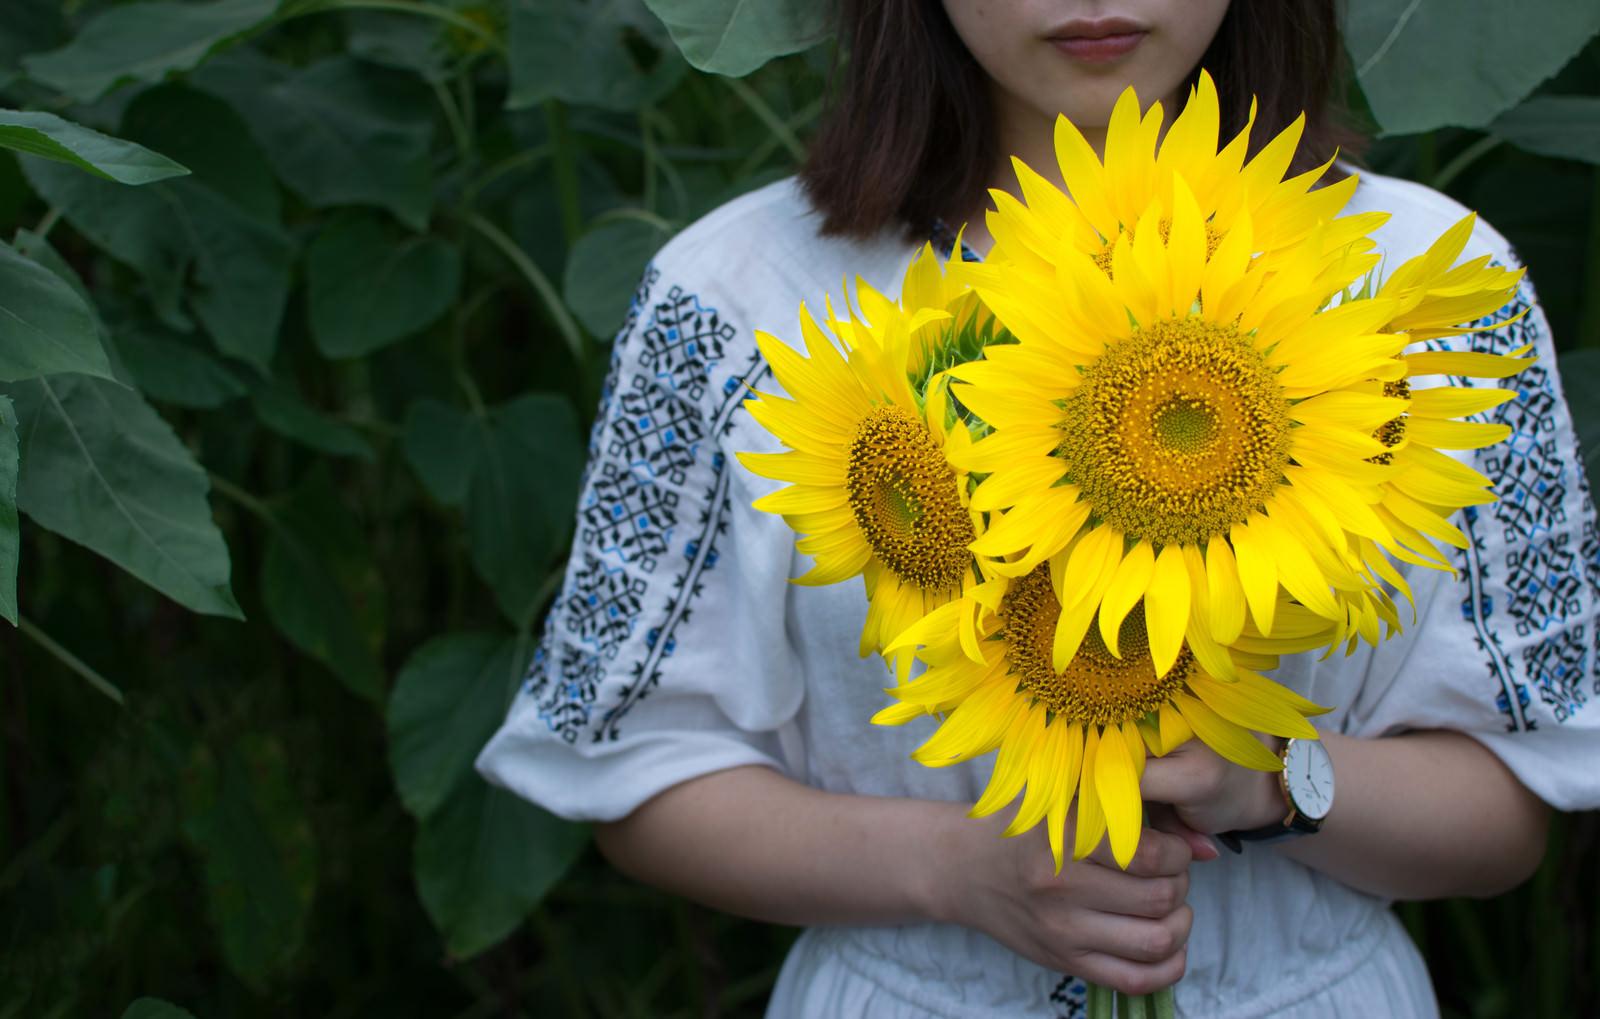 「両手いっぱいの向日葵を持つ女性両手いっぱいの向日葵を持つ女性」のフリー写真素材を拡大